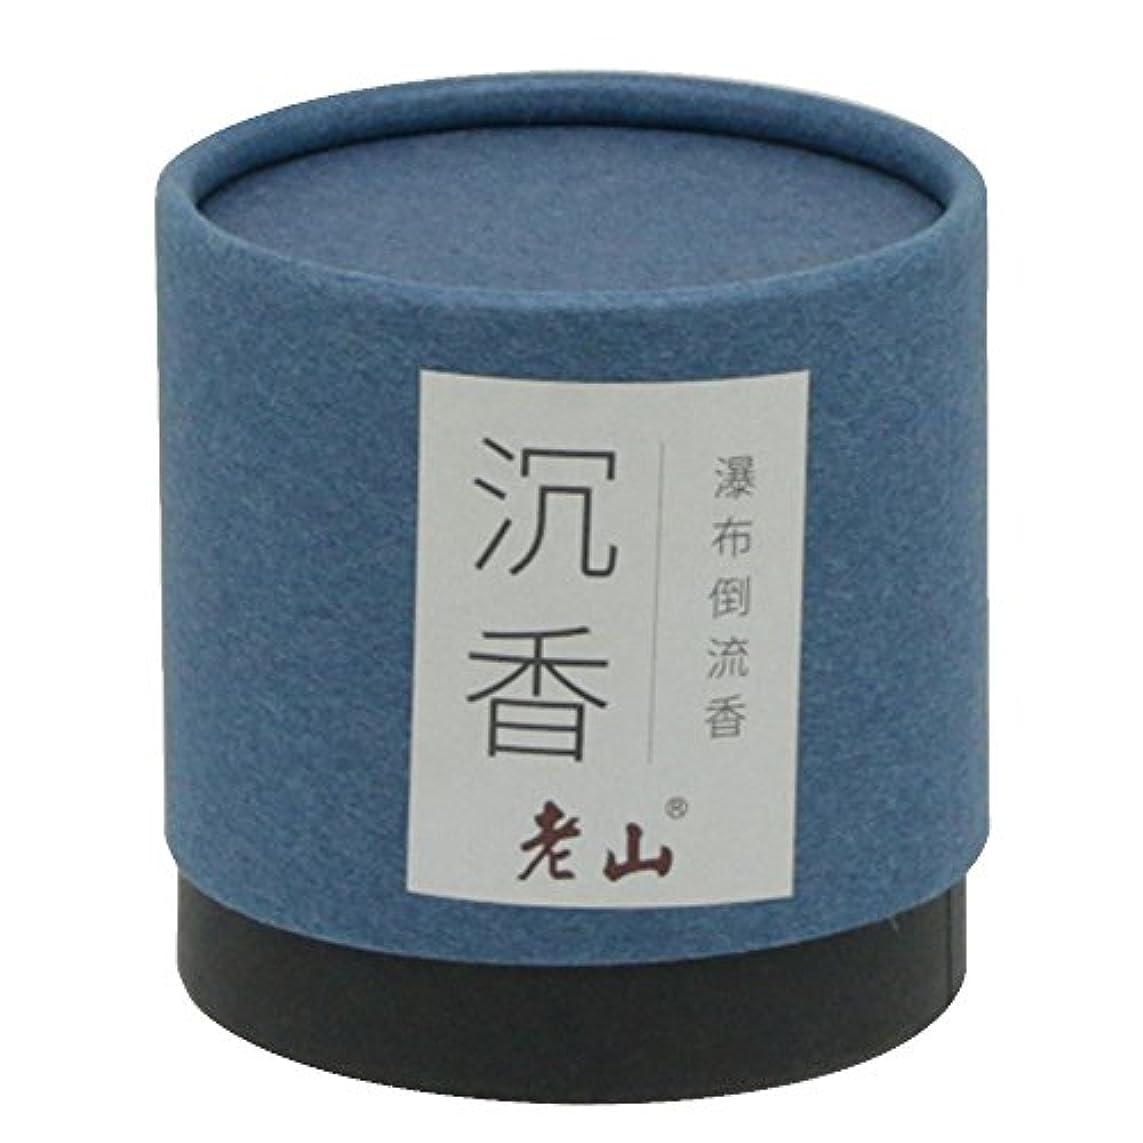 ぬるい迫害終わった逆流円錐incense-100g自然Agarwood Cone Incense Waterfall Incense Backflow Incense